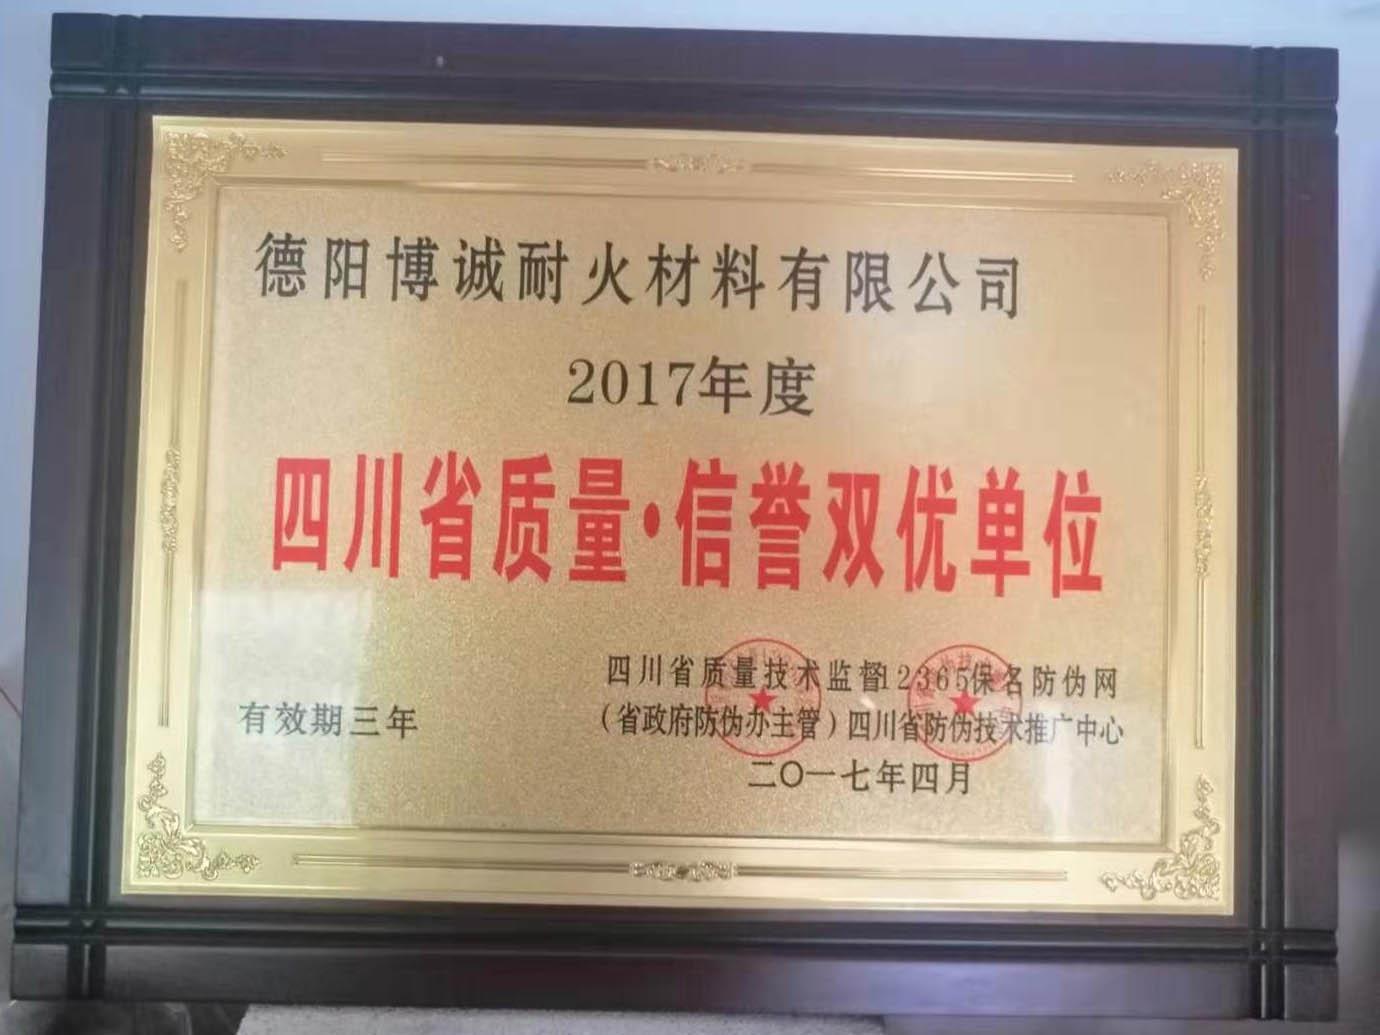 四川省质量信誉双优单位证书